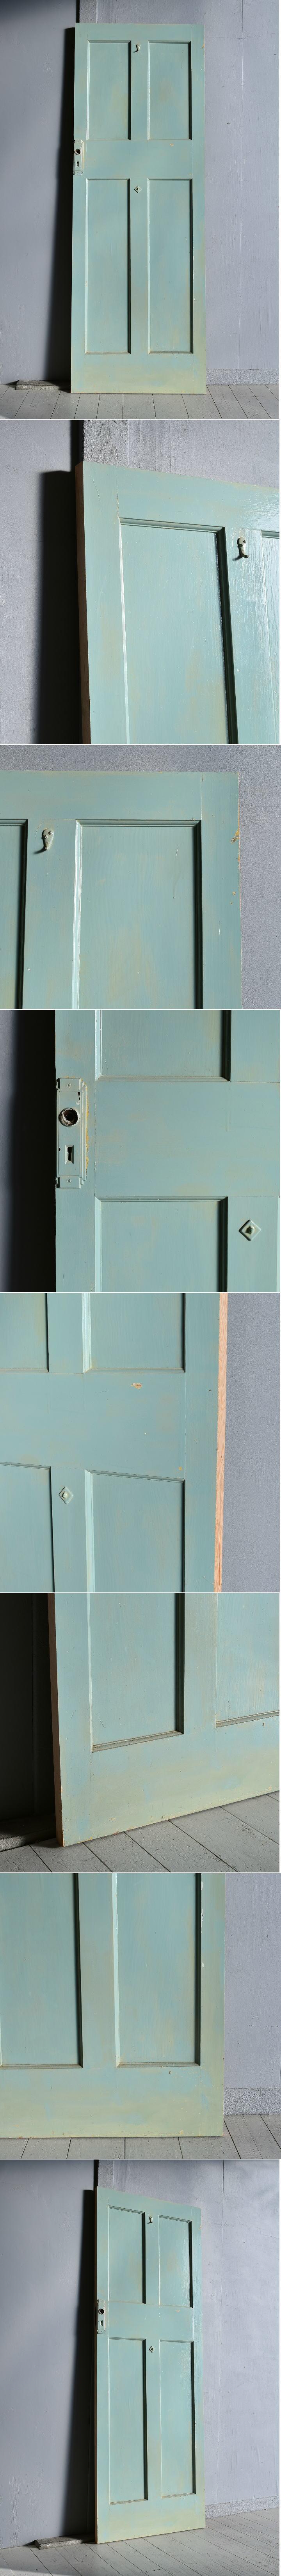 イギリス アンティーク ドア 扉 建具 7702